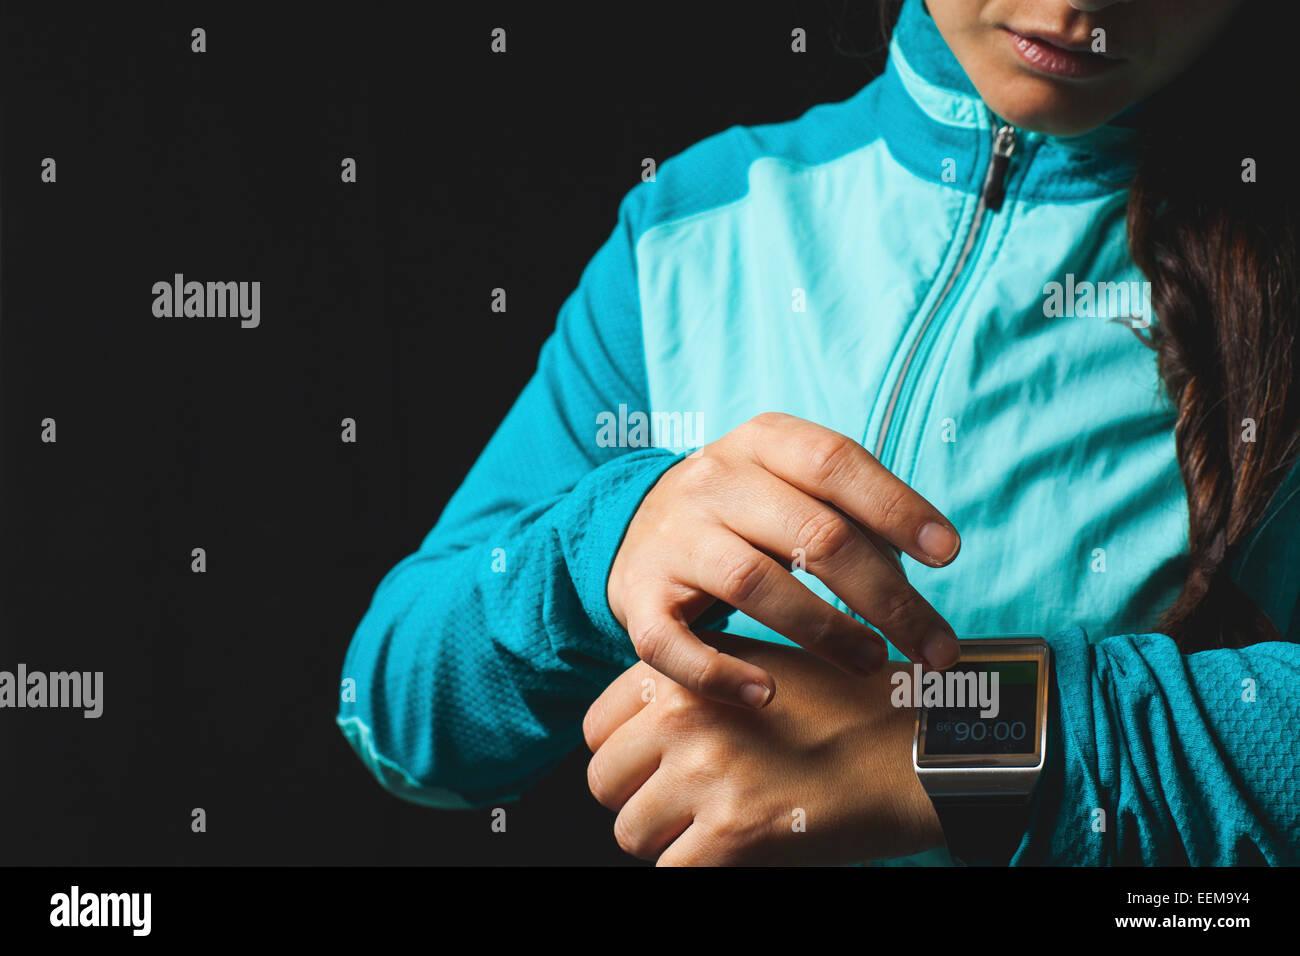 Femme portant smart watch périphérique sur fond noir Banque D'Images